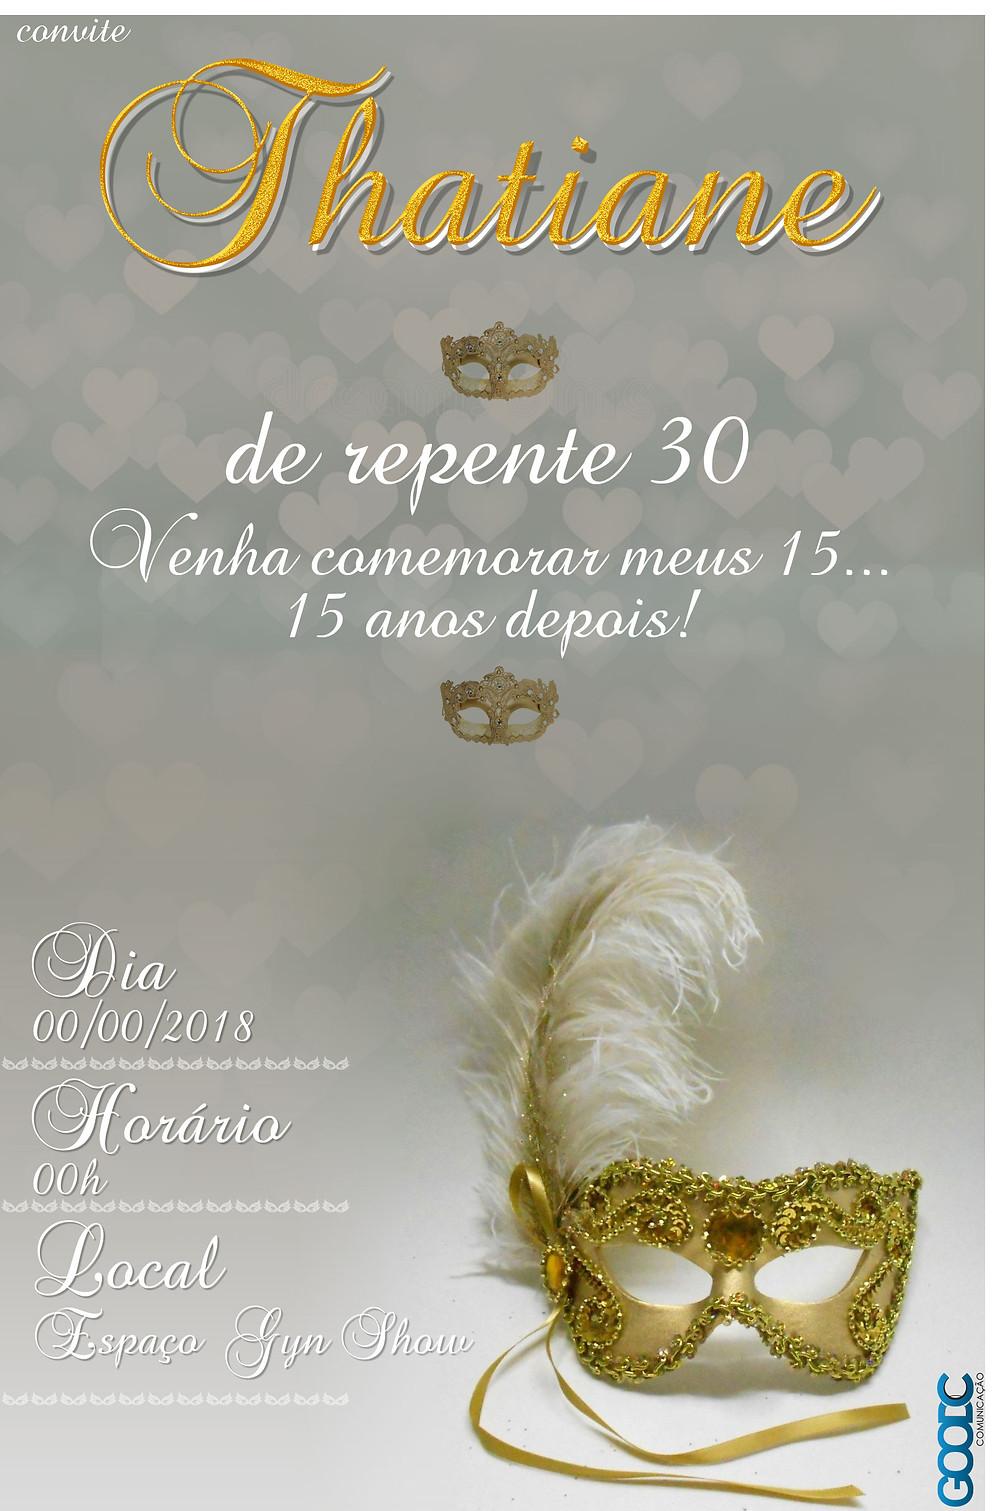 Convite virtual - 30 anos